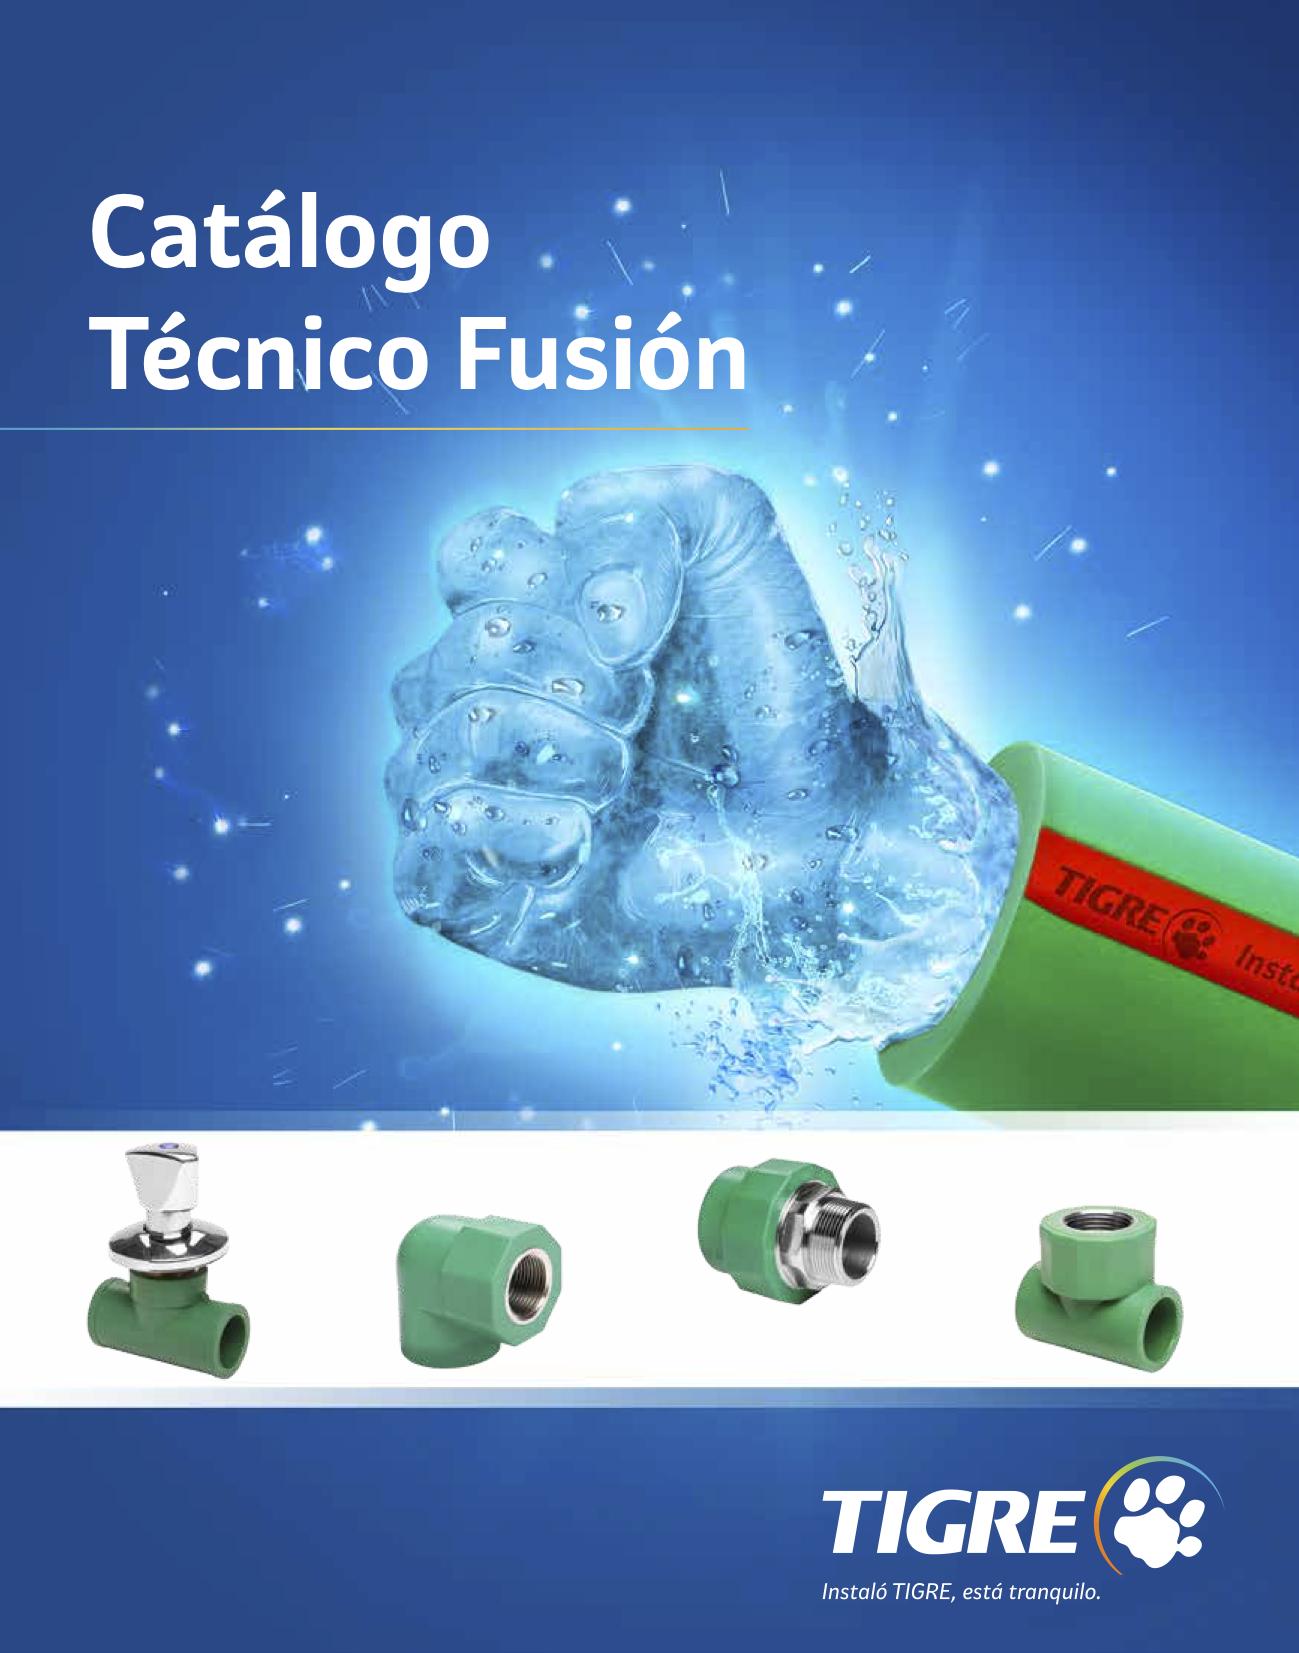 Catálogo Fusión